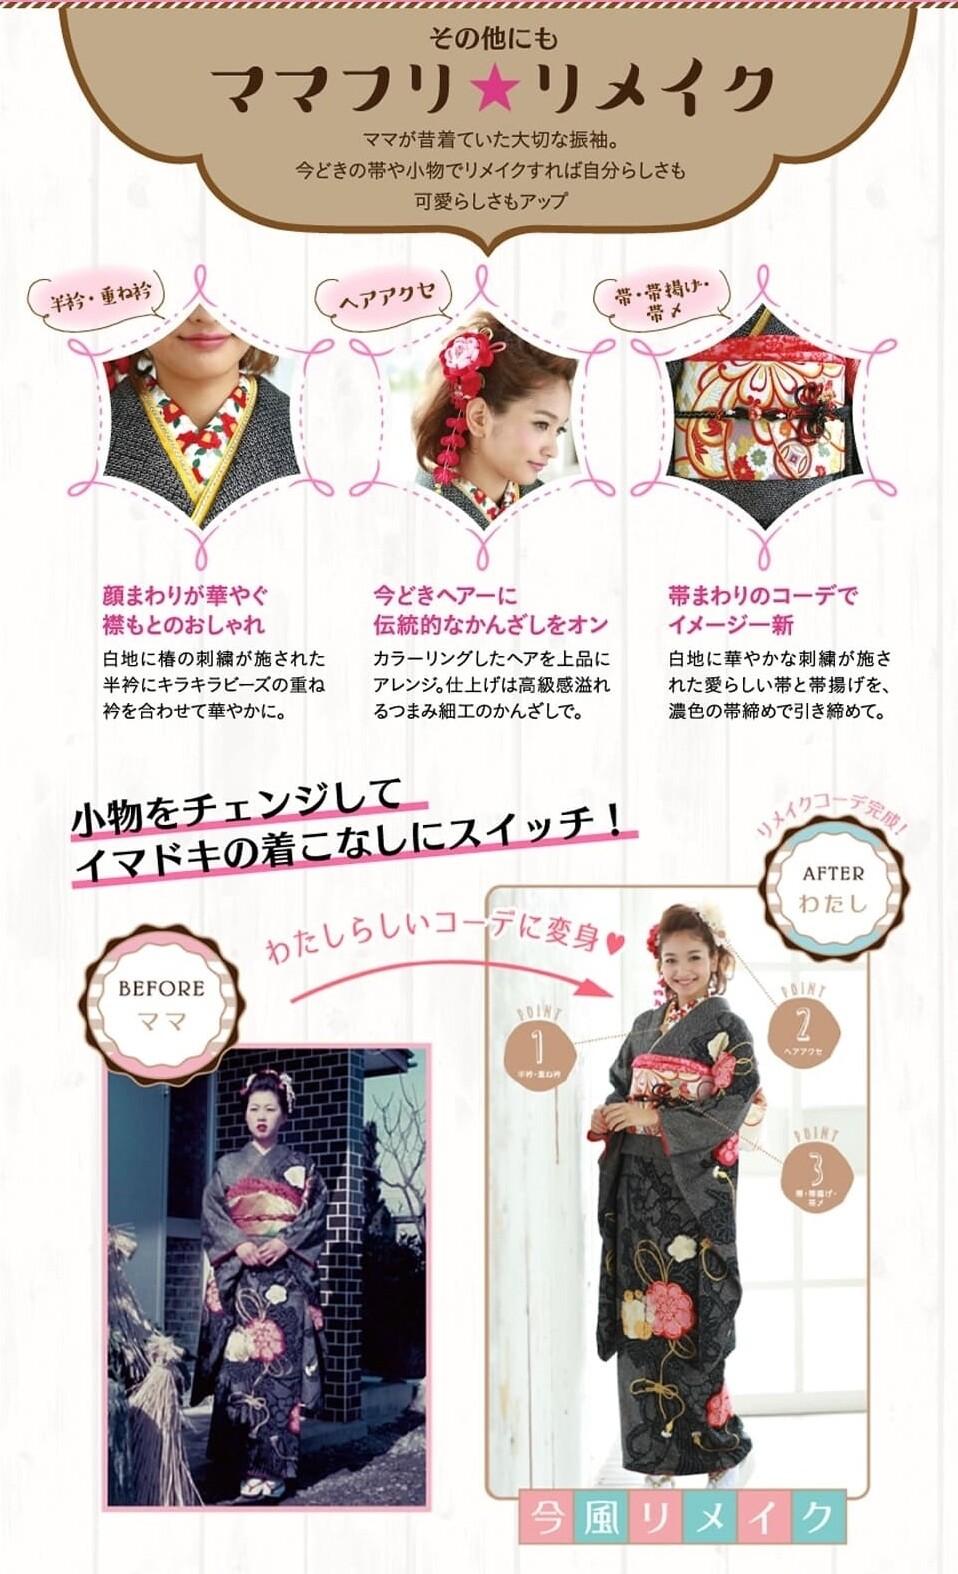 FireShot Capture 257 - 浅草店限定決算総力祭セール - rinz-fleur.com - コピー